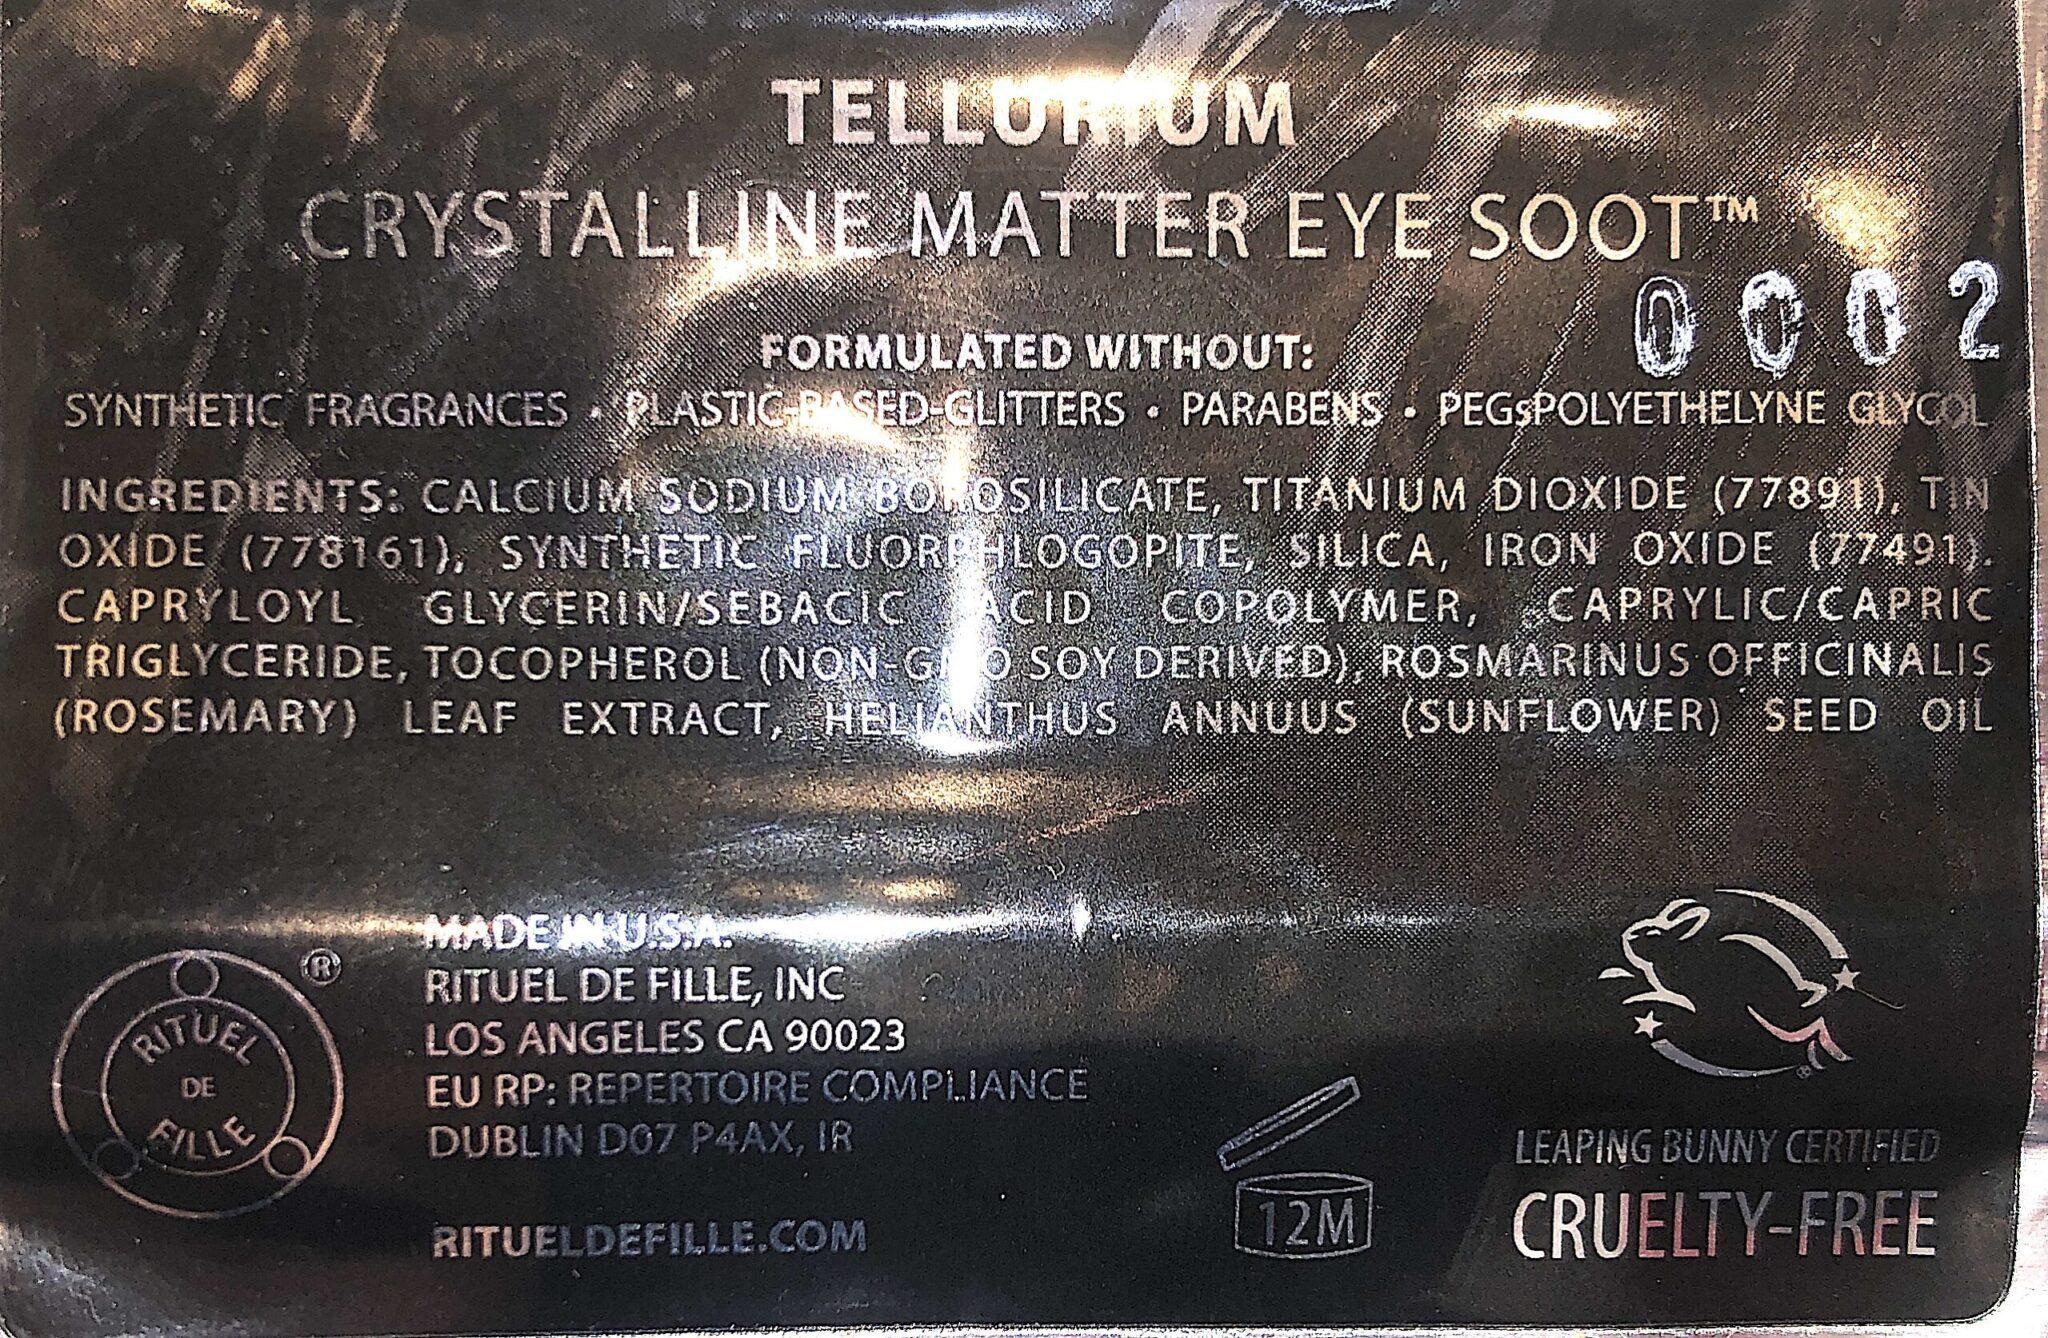 CRYSTALLINE MATTER SOOT TELLURIUM INGREDIENTS